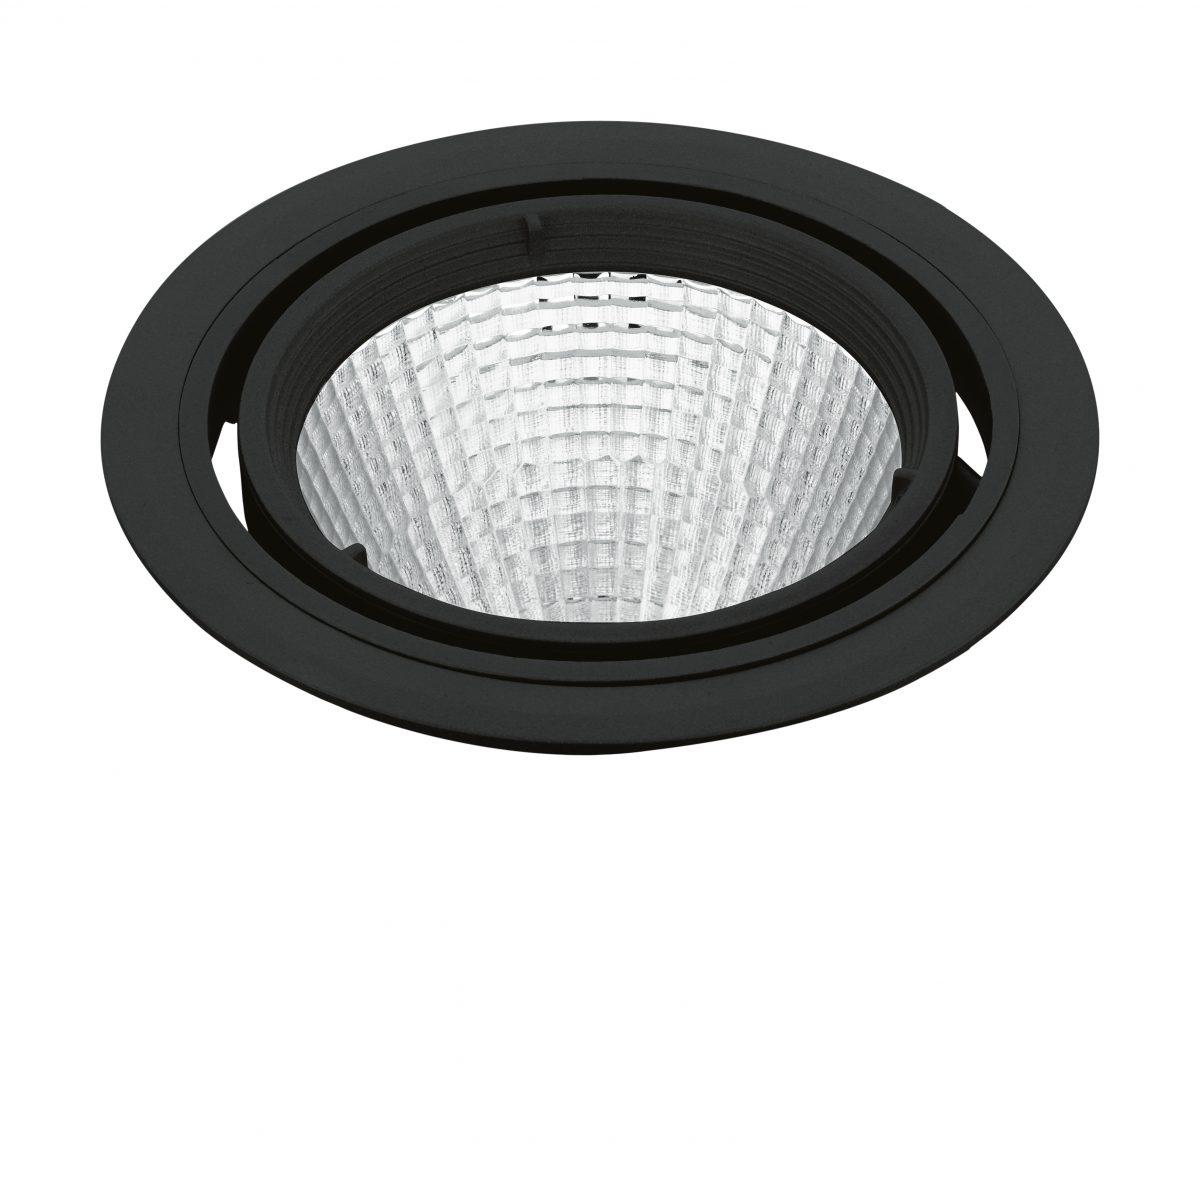 Светильник настенно-потолочный FERRONEGO IN/PROFES EGLO 61432 - Фото №28